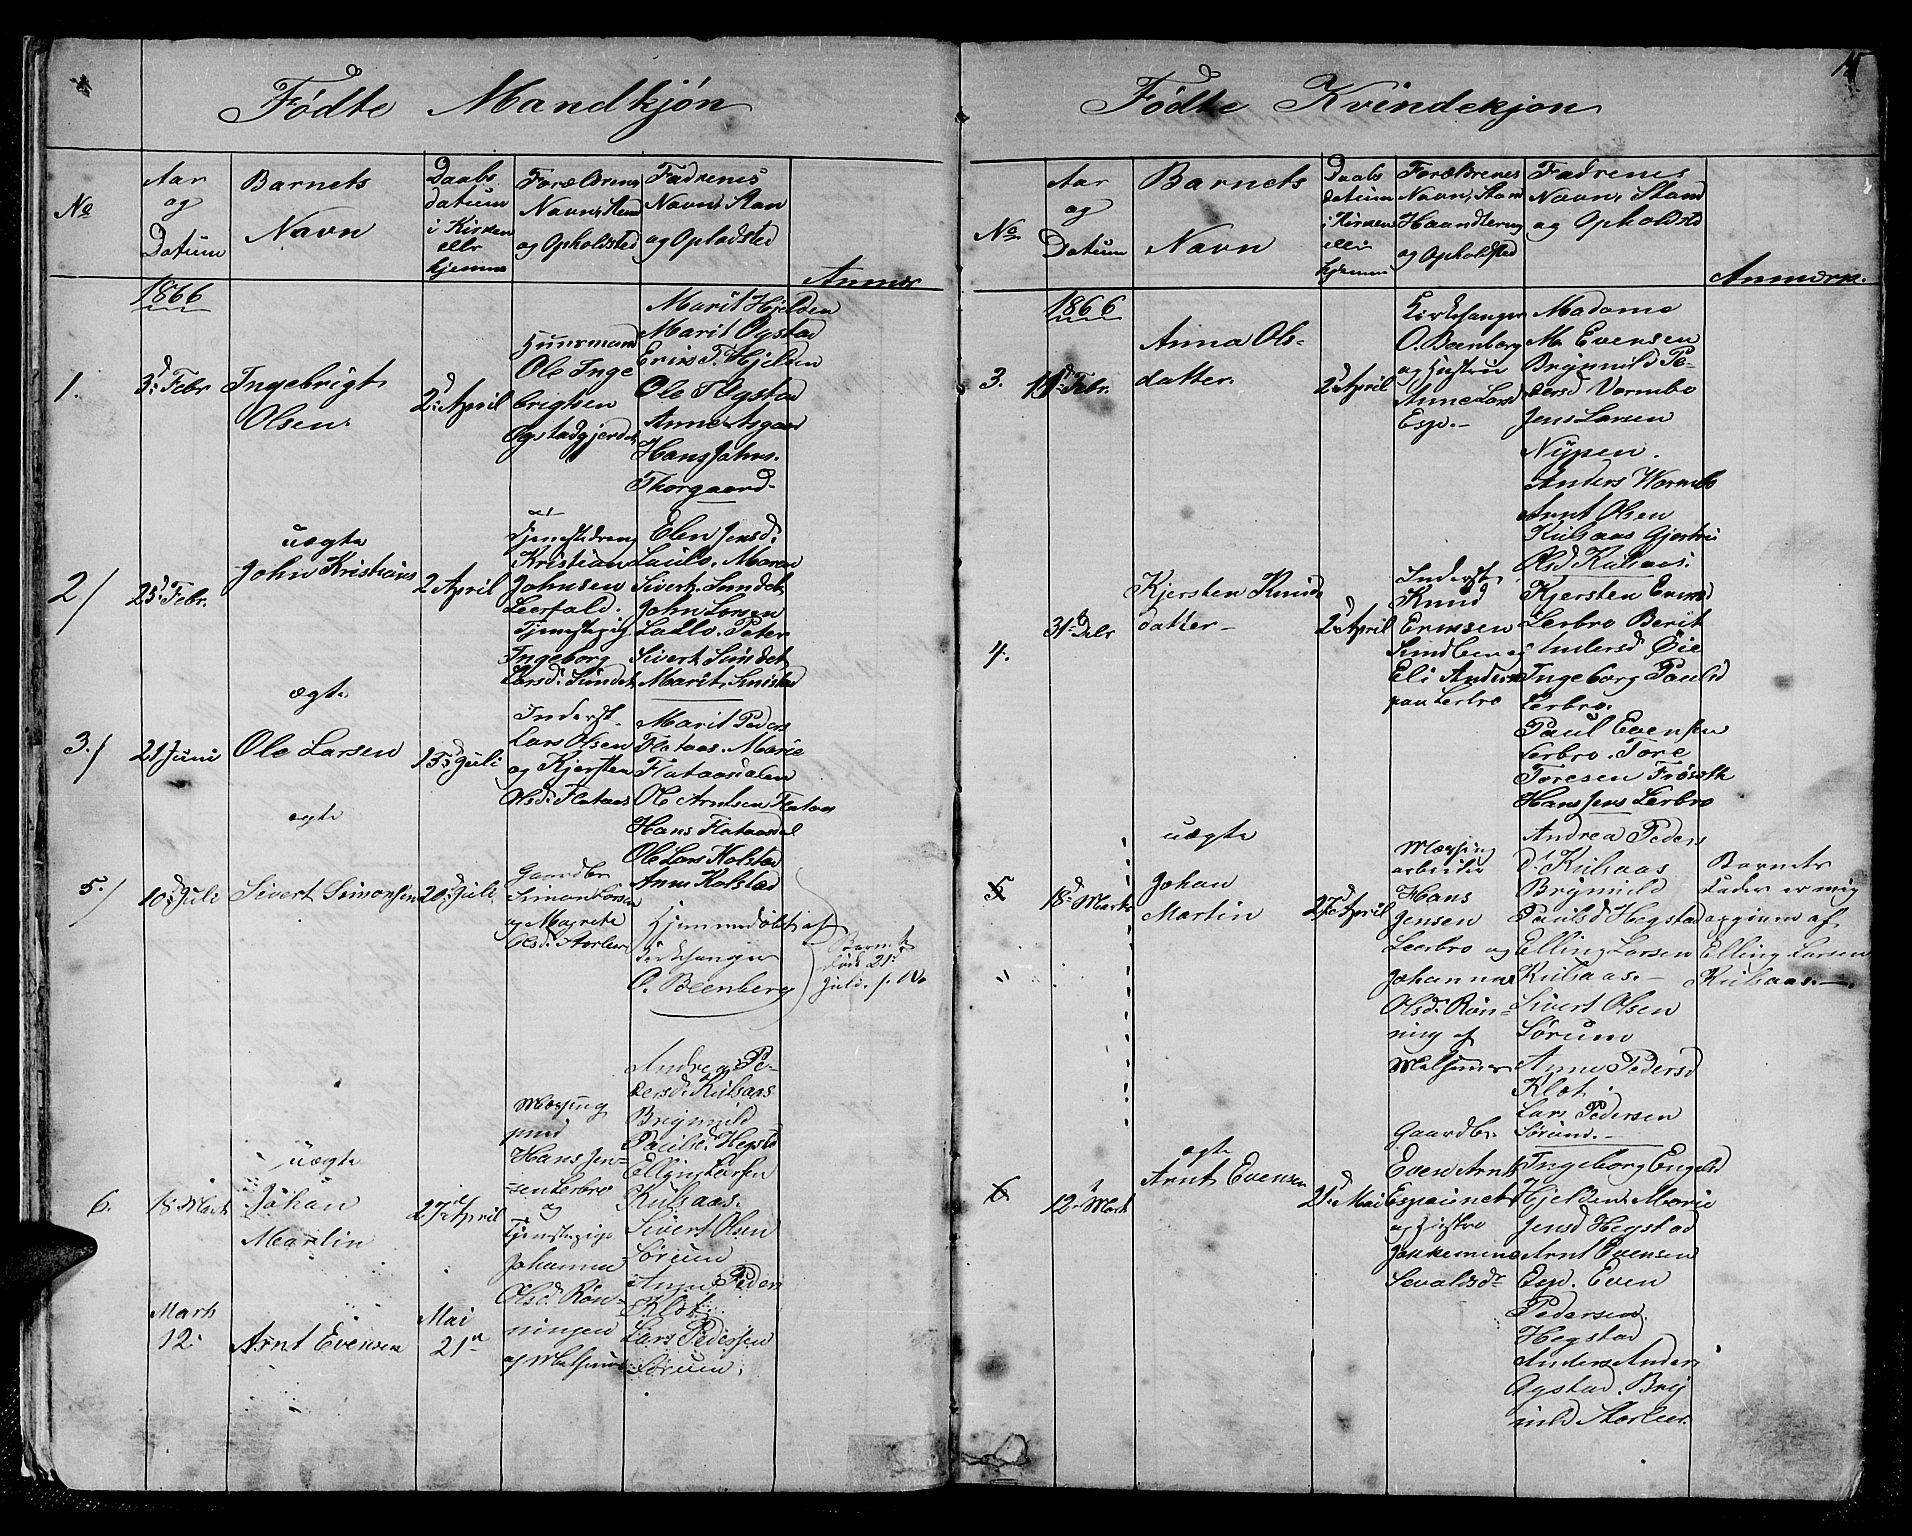 SAT, Ministerialprotokoller, klokkerbøker og fødselsregistre - Sør-Trøndelag, 613/L0394: Klokkerbok nr. 613C02, 1862-1886, s. 15